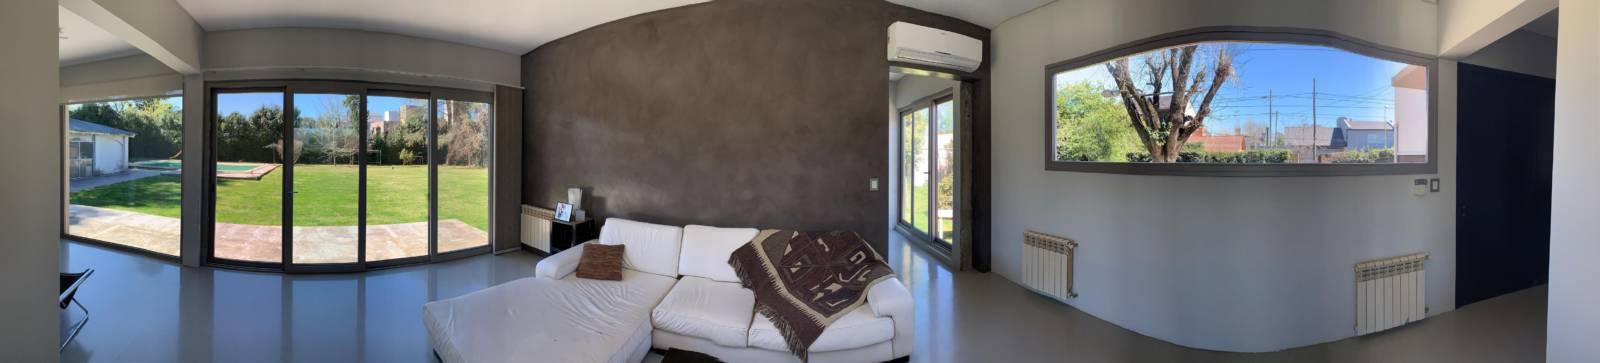 Casa en venta – Calle 467 e/28 y 30 – City Bell | Larrosa